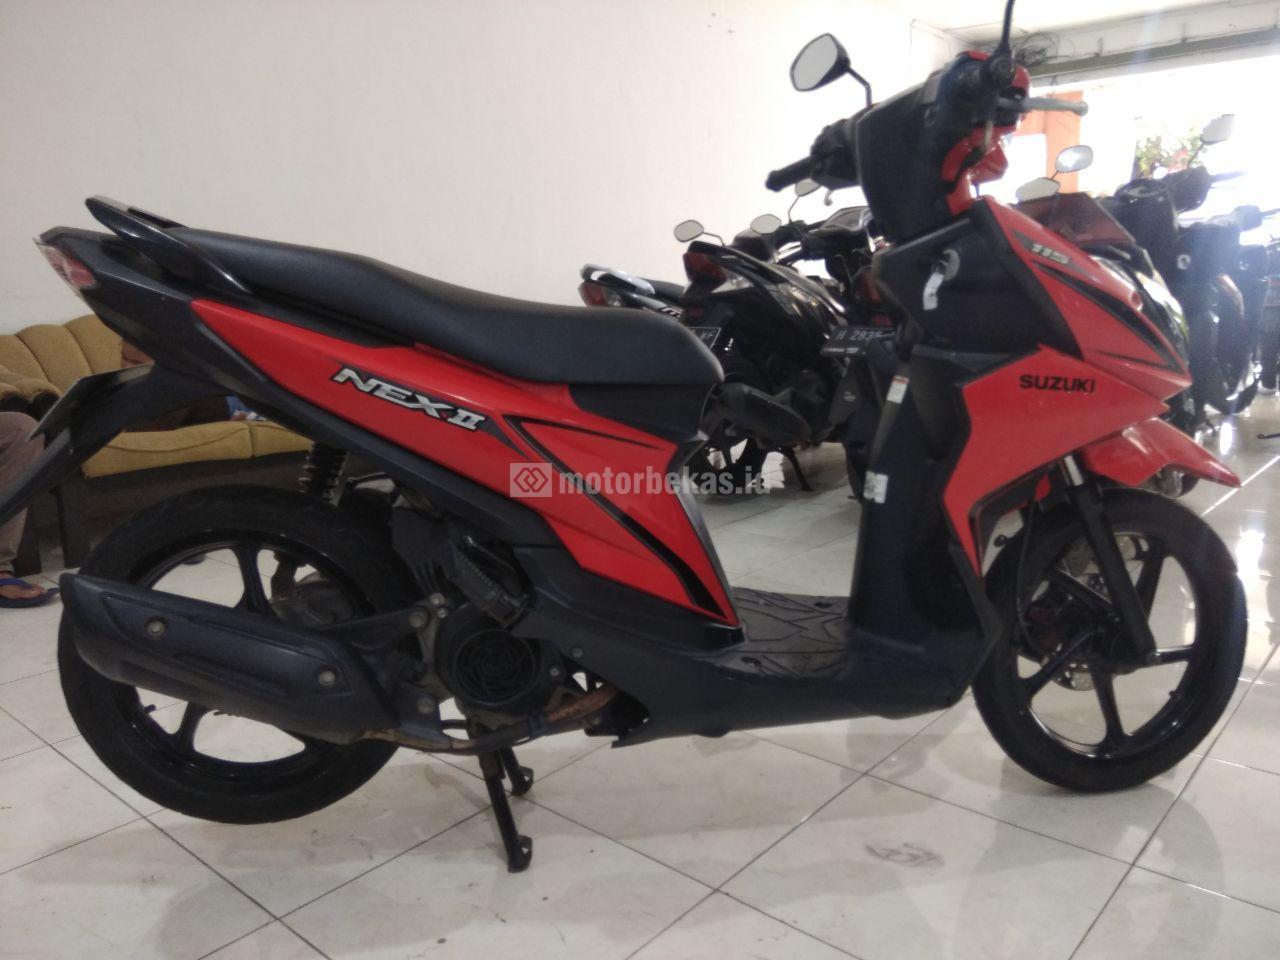 SUZUKI NEX  2140 motorbekas.id